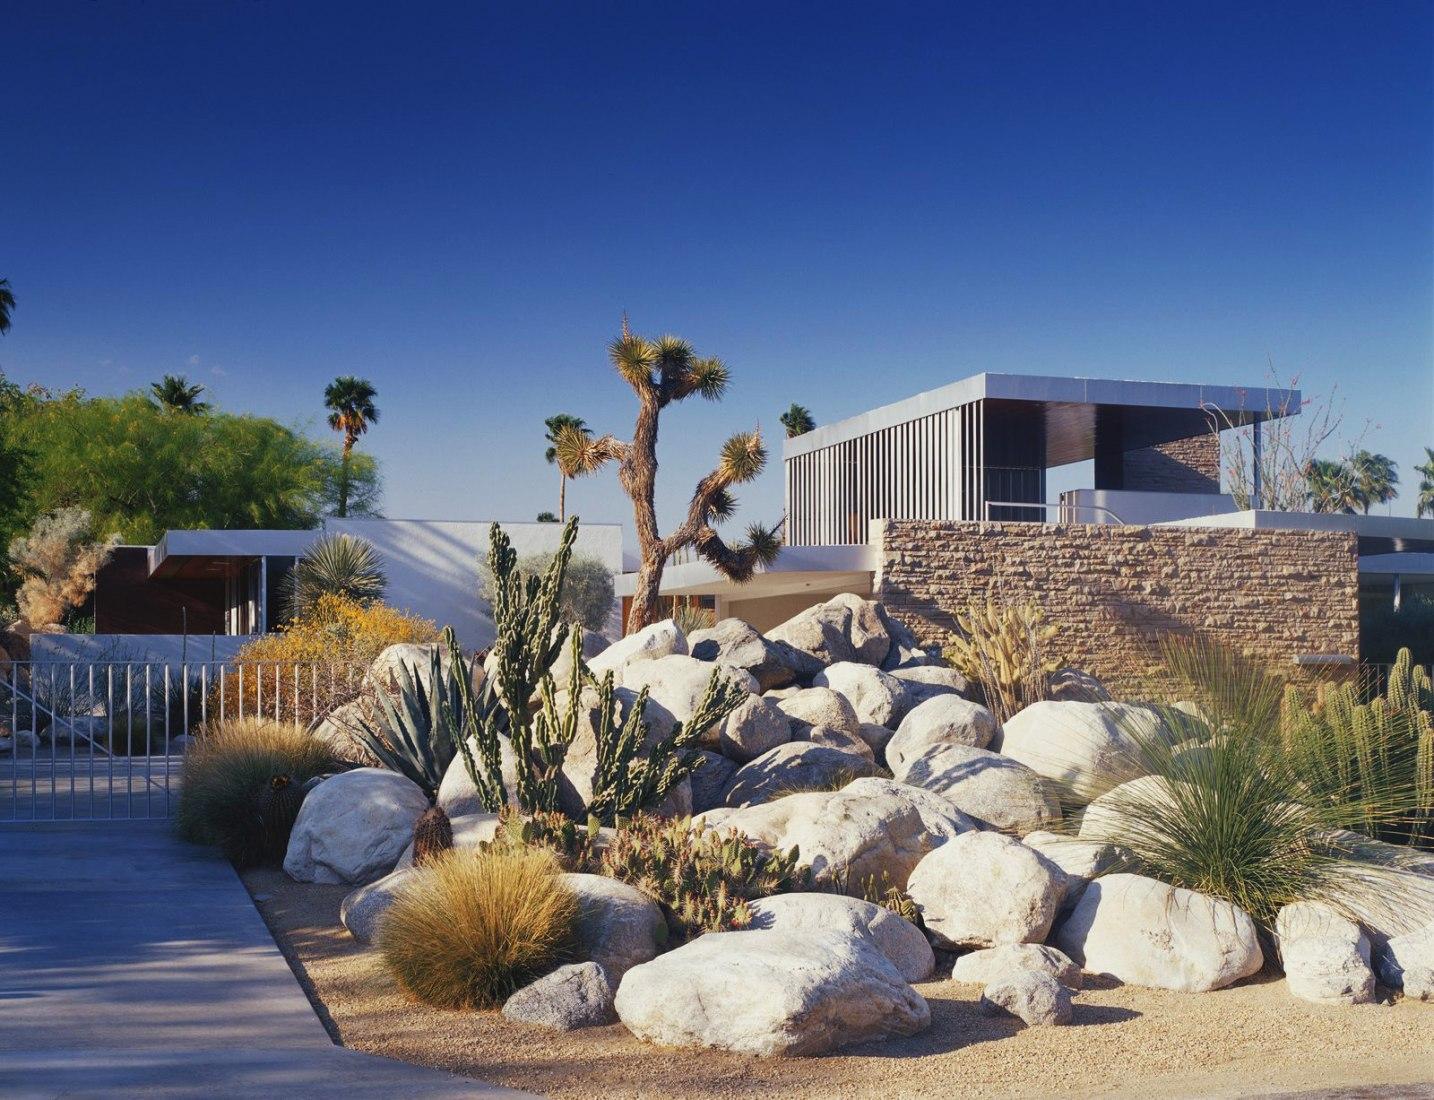 Casa Kaufmann del desierto. Fotografía por Daniel Salomon, cortesía de Vista Sotheby's International Realty.